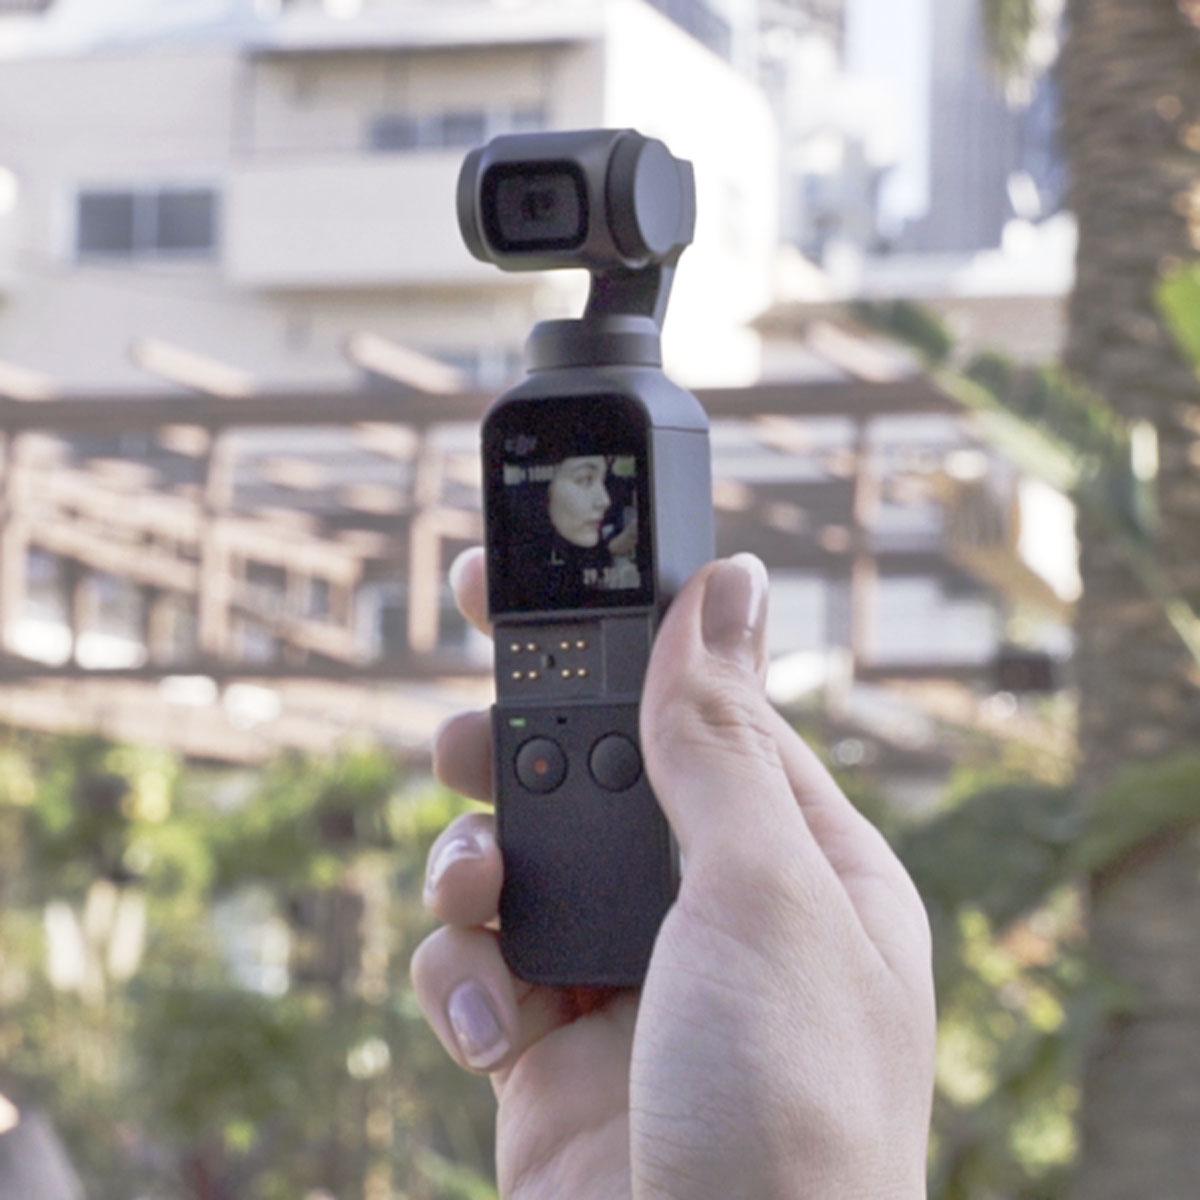 超絶コンパクトな4K対応ジンバル一体型カメラ「Osmo Pocket」がデビュー